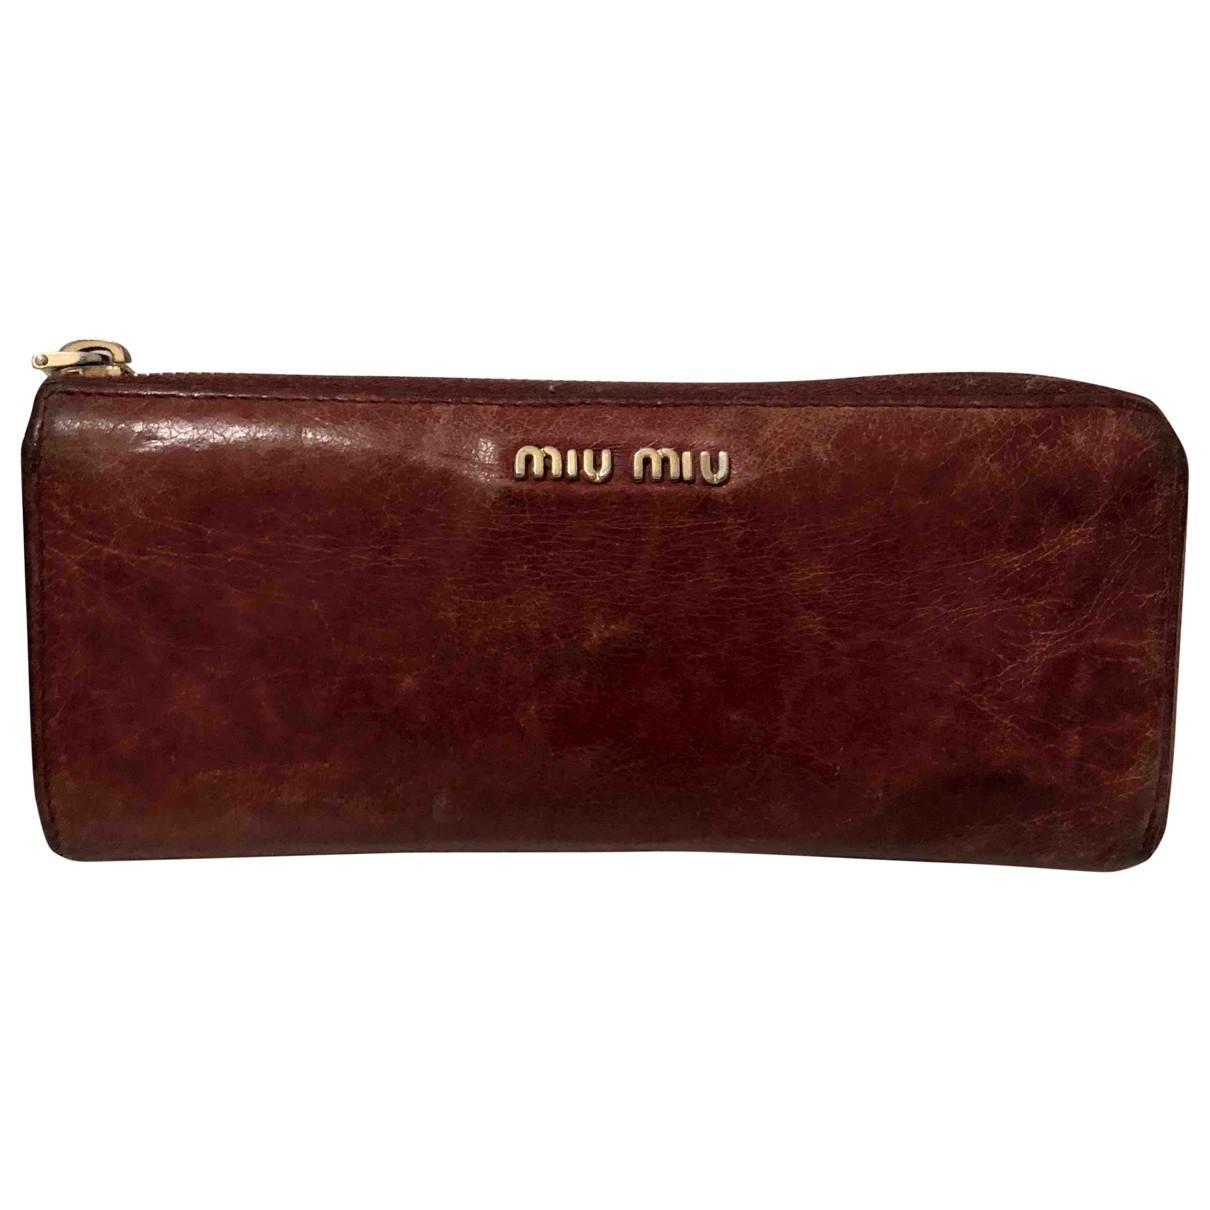 Miu Miu \N Burgundy Leather wallet for Women \N